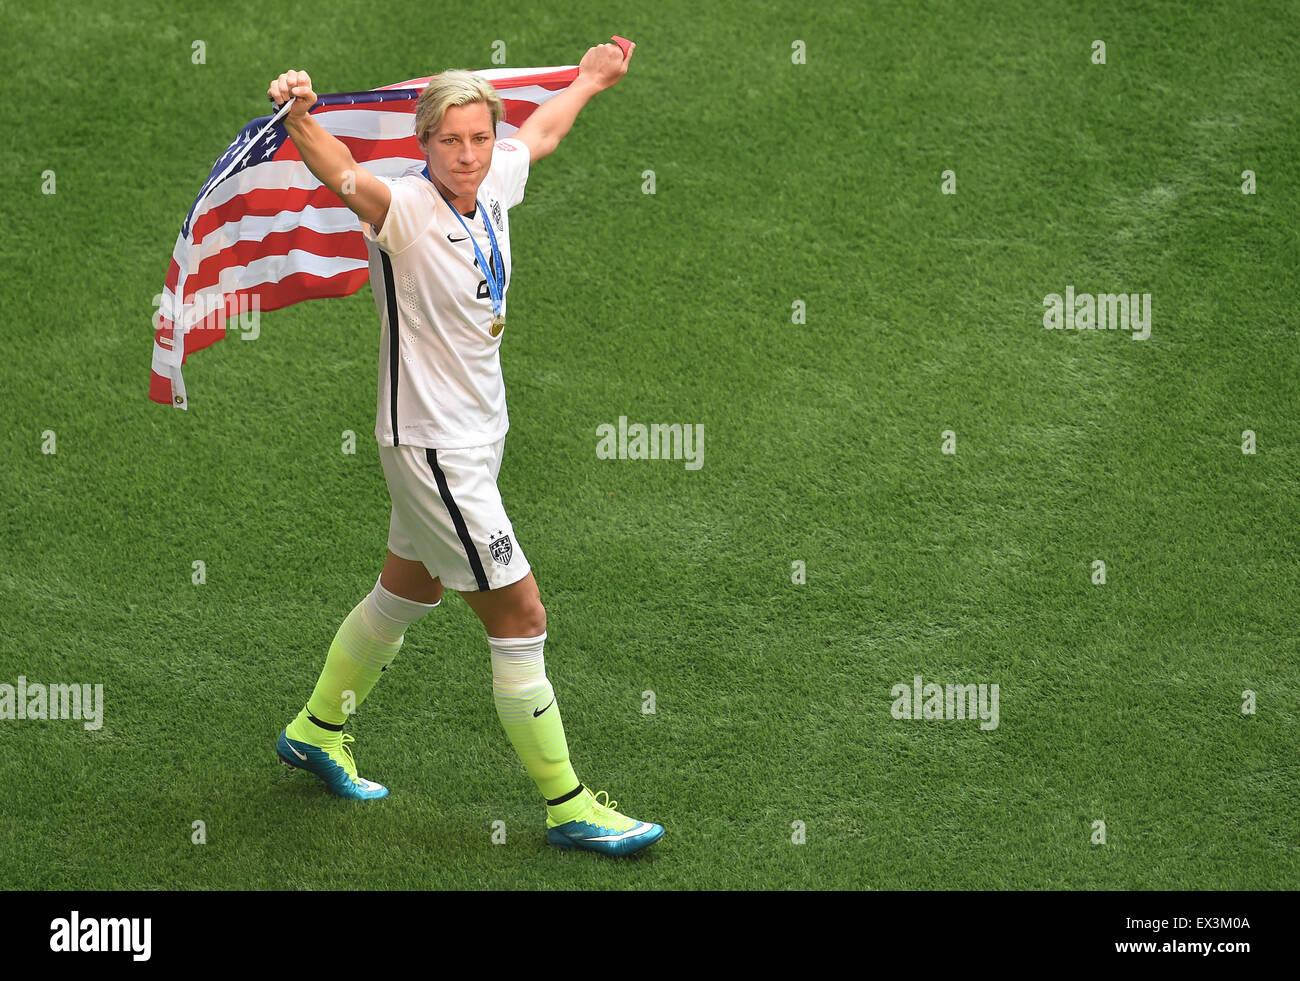 Vancouver, Canada. 05 Luglio, 2015. Abby Wambach dagli Stati Uniti celebra la vittoria con un flag di noi dopo la Immagini Stock